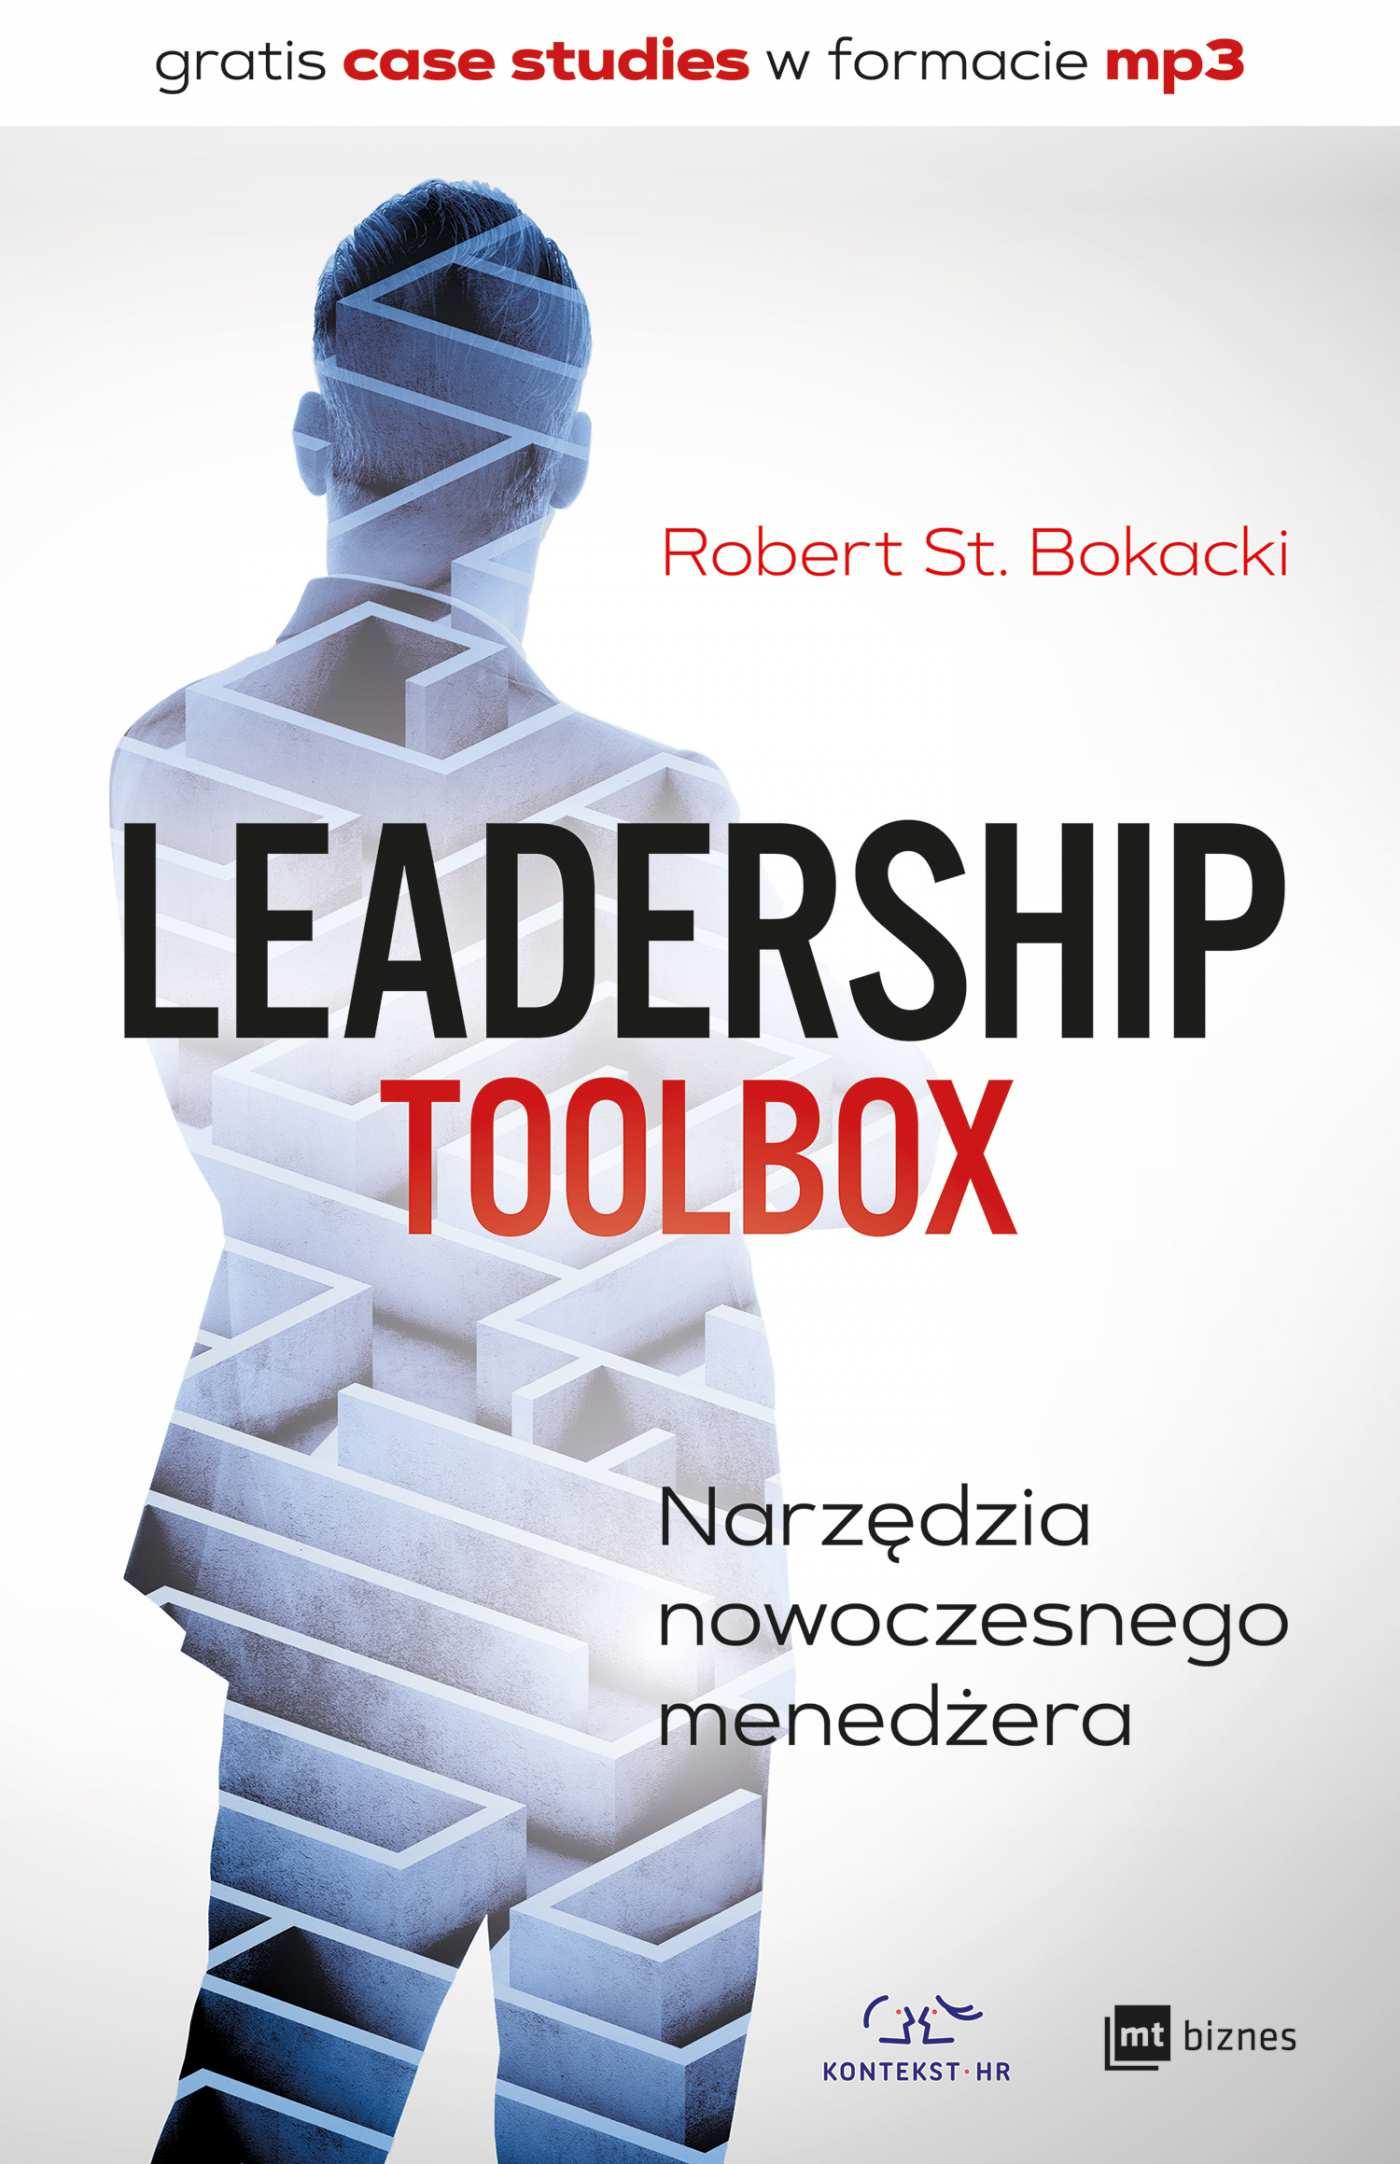 Leadership ToolBox. Narzędzia nowoczesnego menedżera - Ebook (Książka EPUB) do pobrania w formacie EPUB